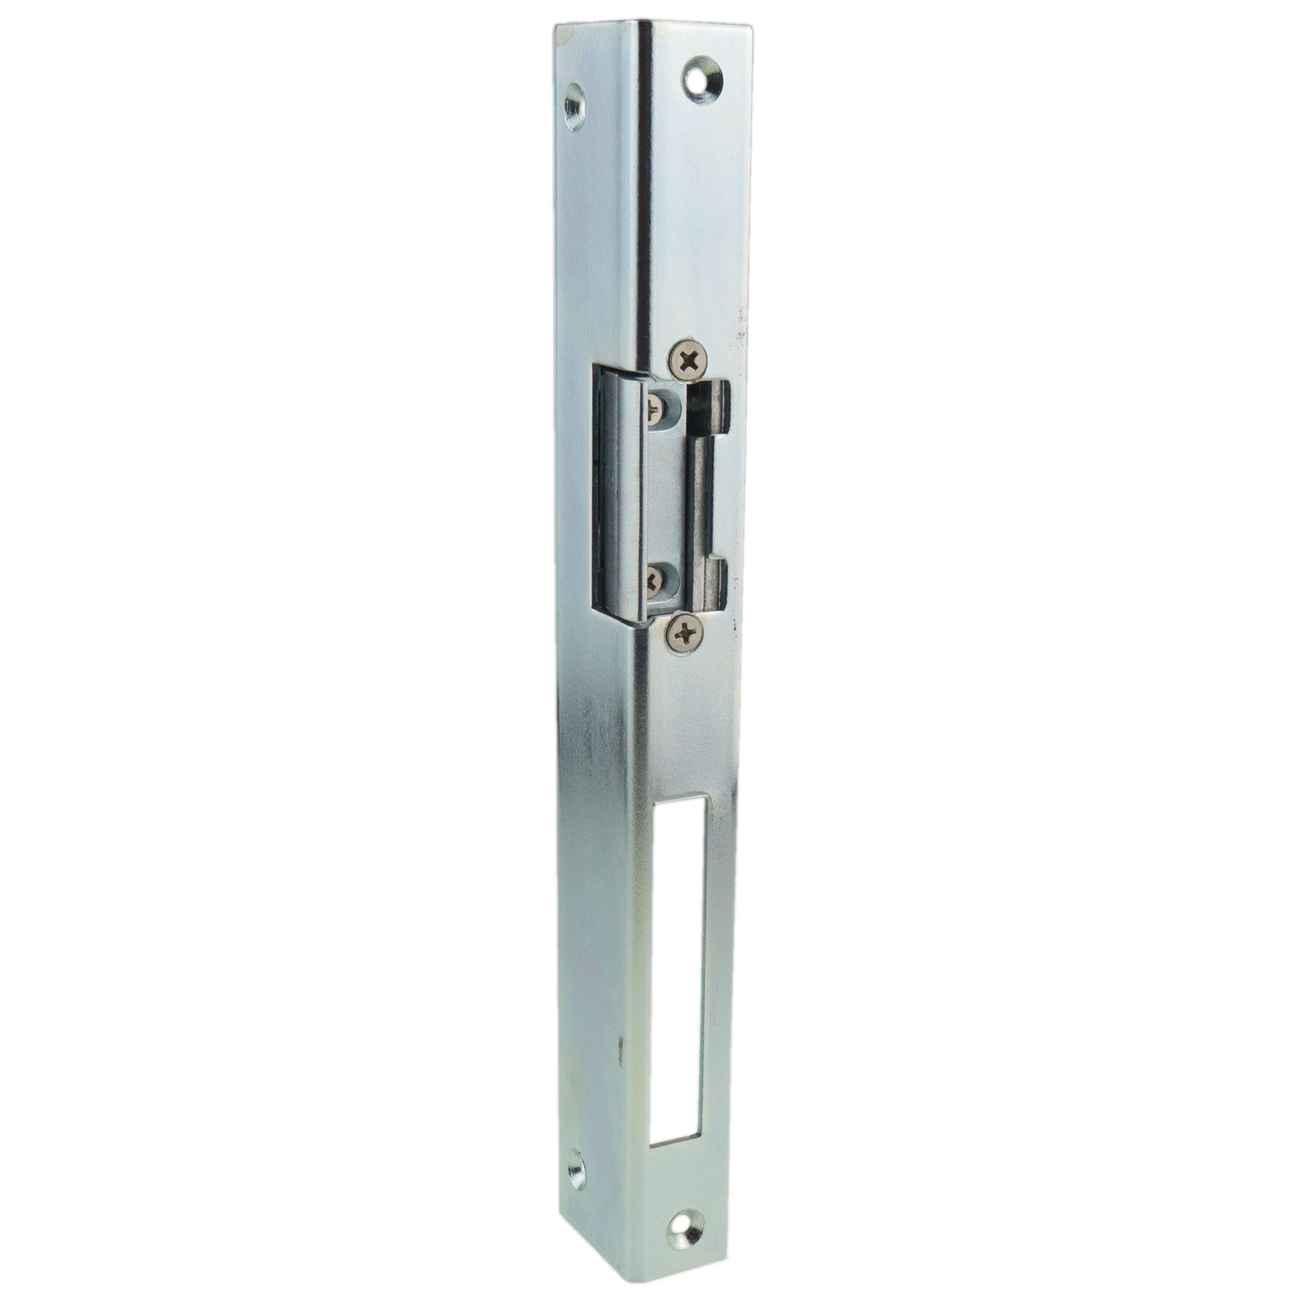 Elektrischer Türöffner Peso 351 R mit Winkelblech Rechts, 6 - 12 Volt – Bild 1